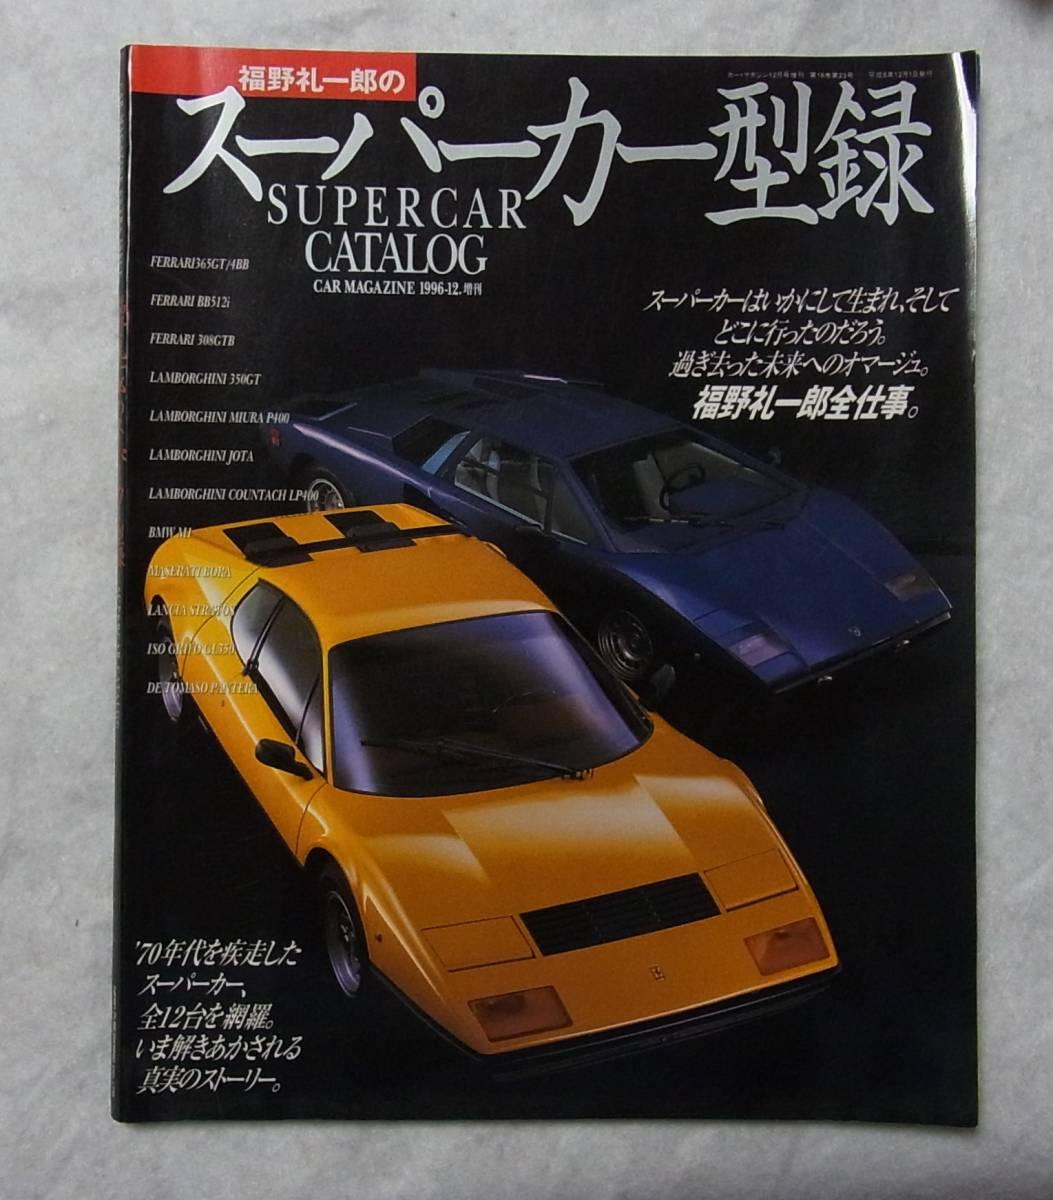 福野礼一郎のスーパーカー型録 元ゲンロク編集長 くるまにあ_画像1